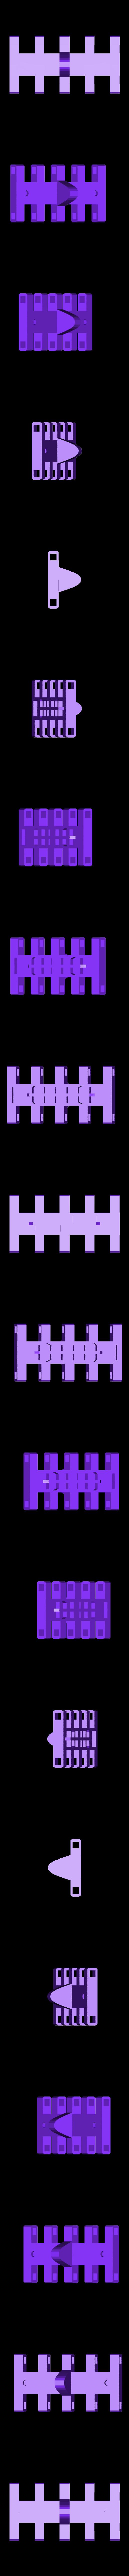 T-34-76 - track_2_WIDE.stl Télécharger fichier STL T-34/76 pour l'assemblage, avec voies mobiles • Objet pour imprimante 3D, c47